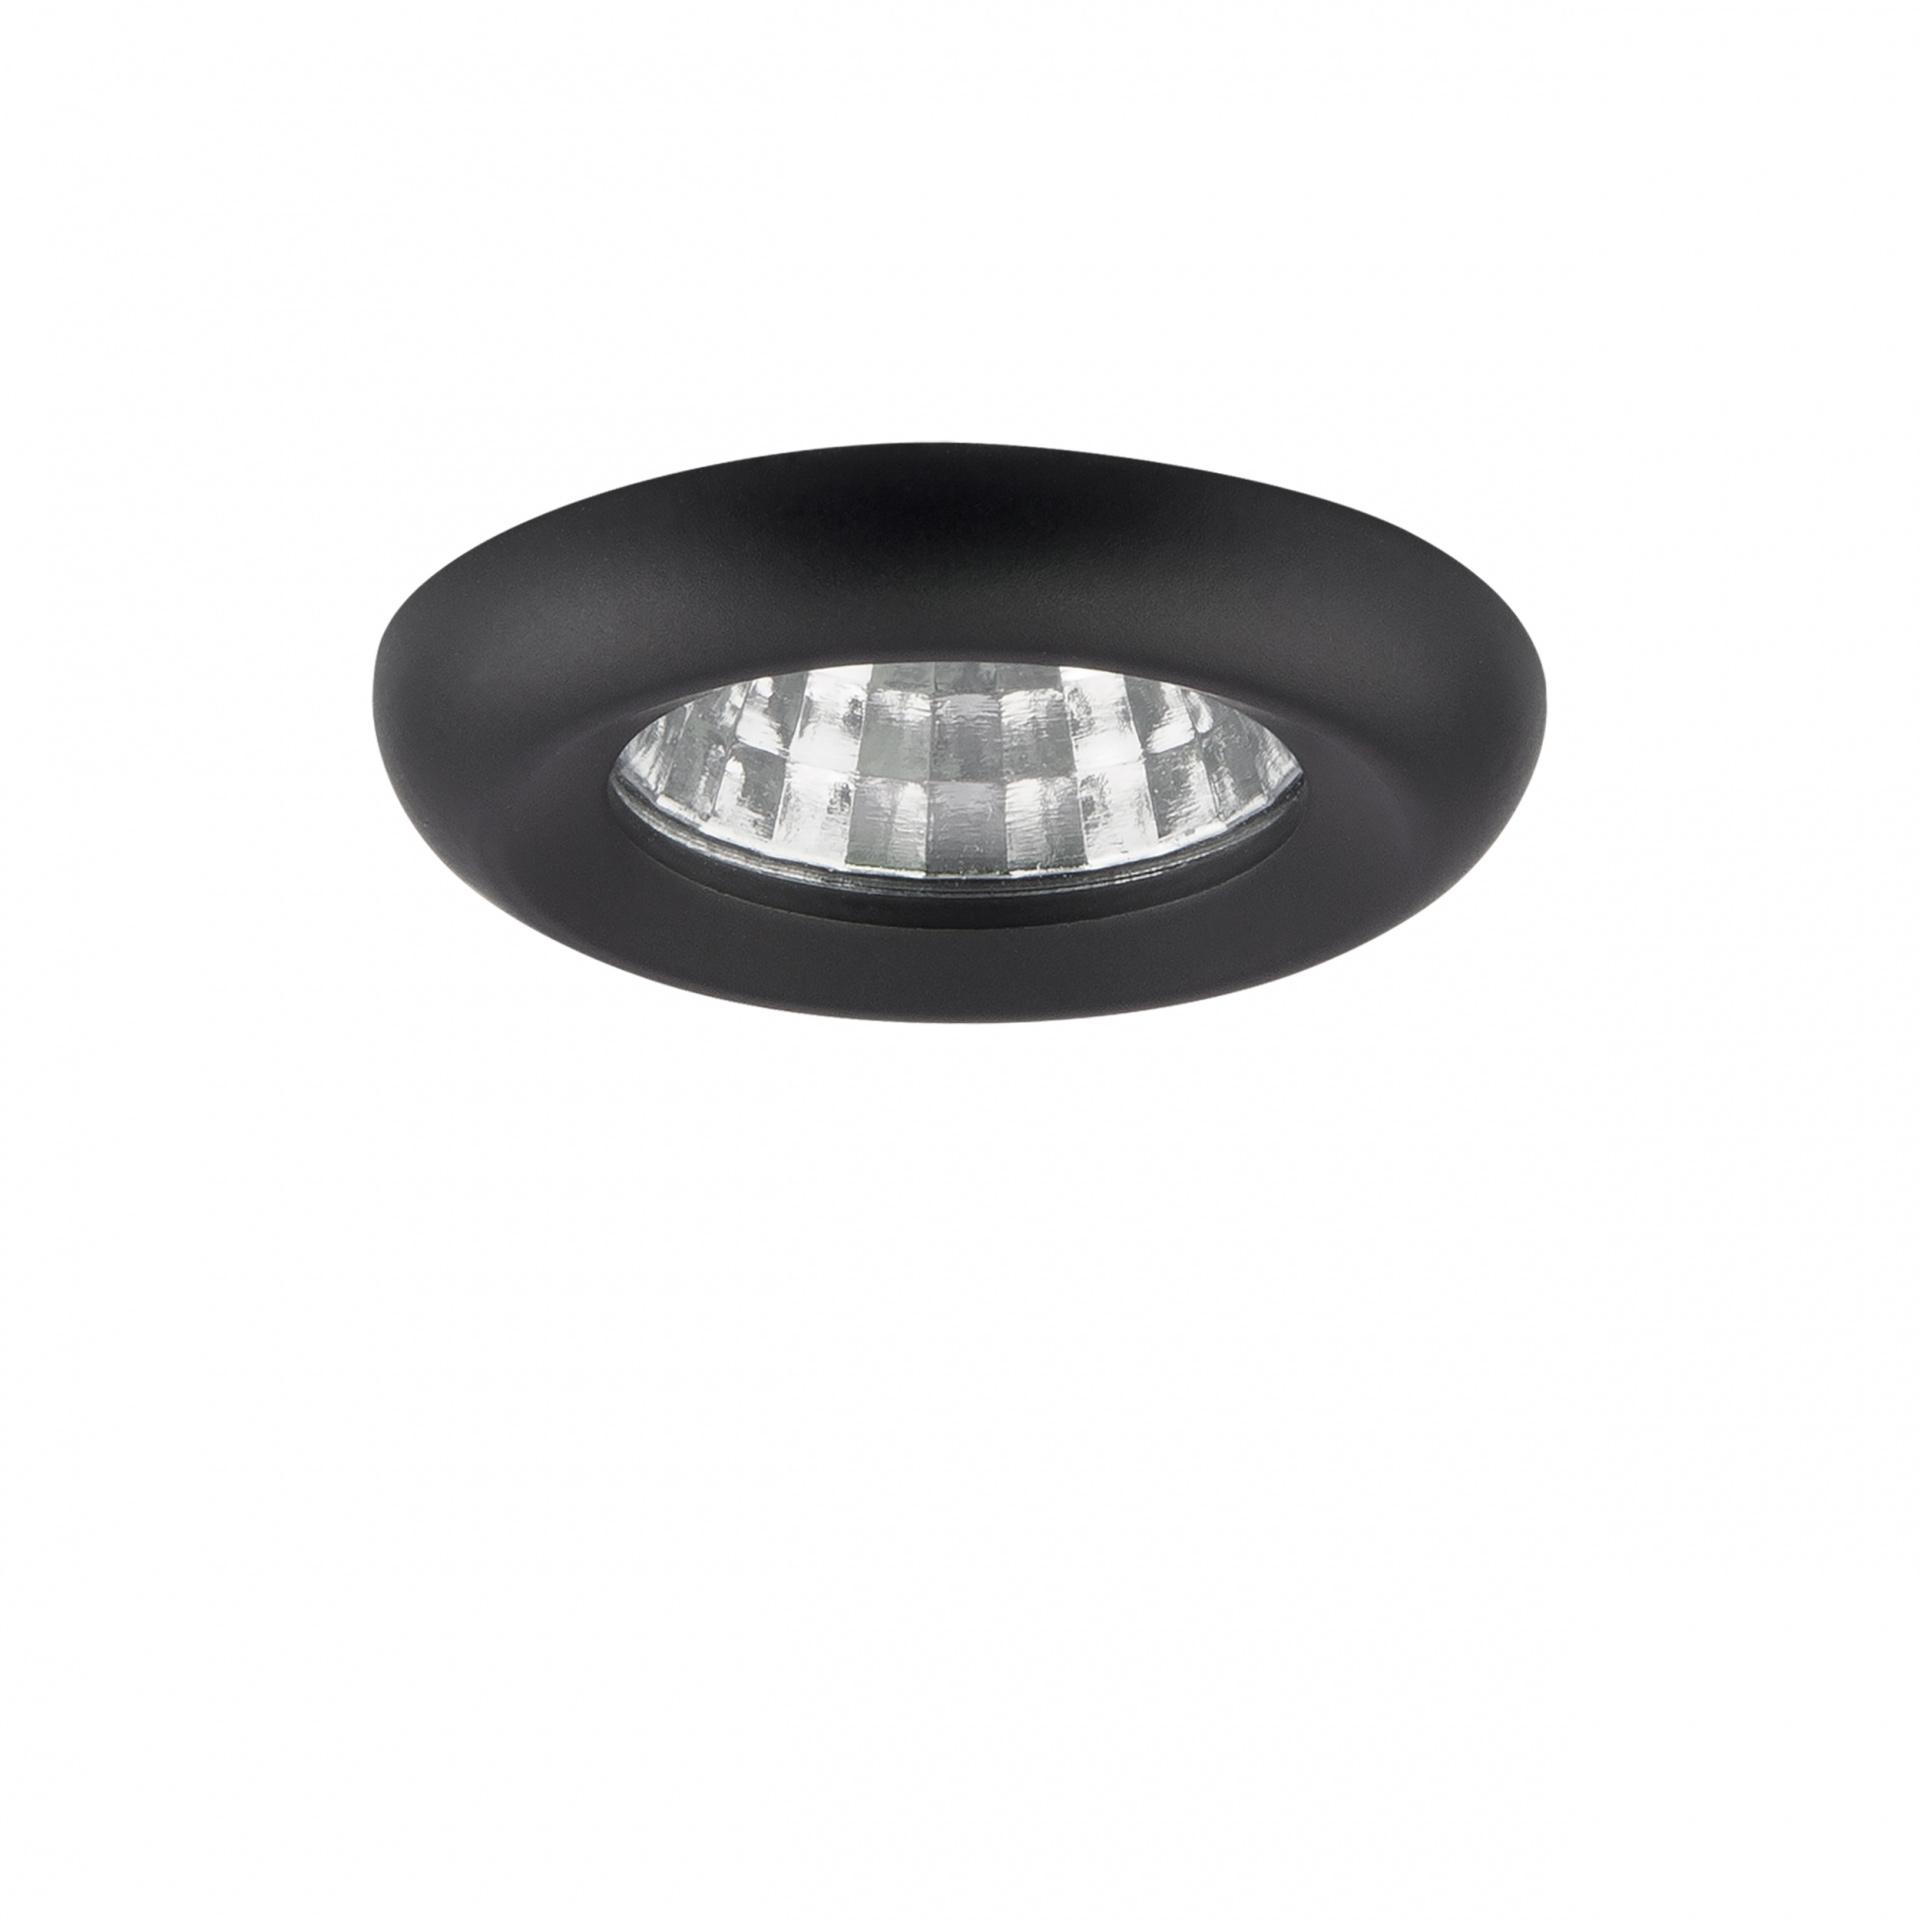 Светильник Monde LED 1W 80LM 18G черный 3000K Lightstar 071017, купить в СПб, Москве, с доставкой, Санкт-Петербург, интернет-магазин люстр и светильников Starlight, фото в жизни